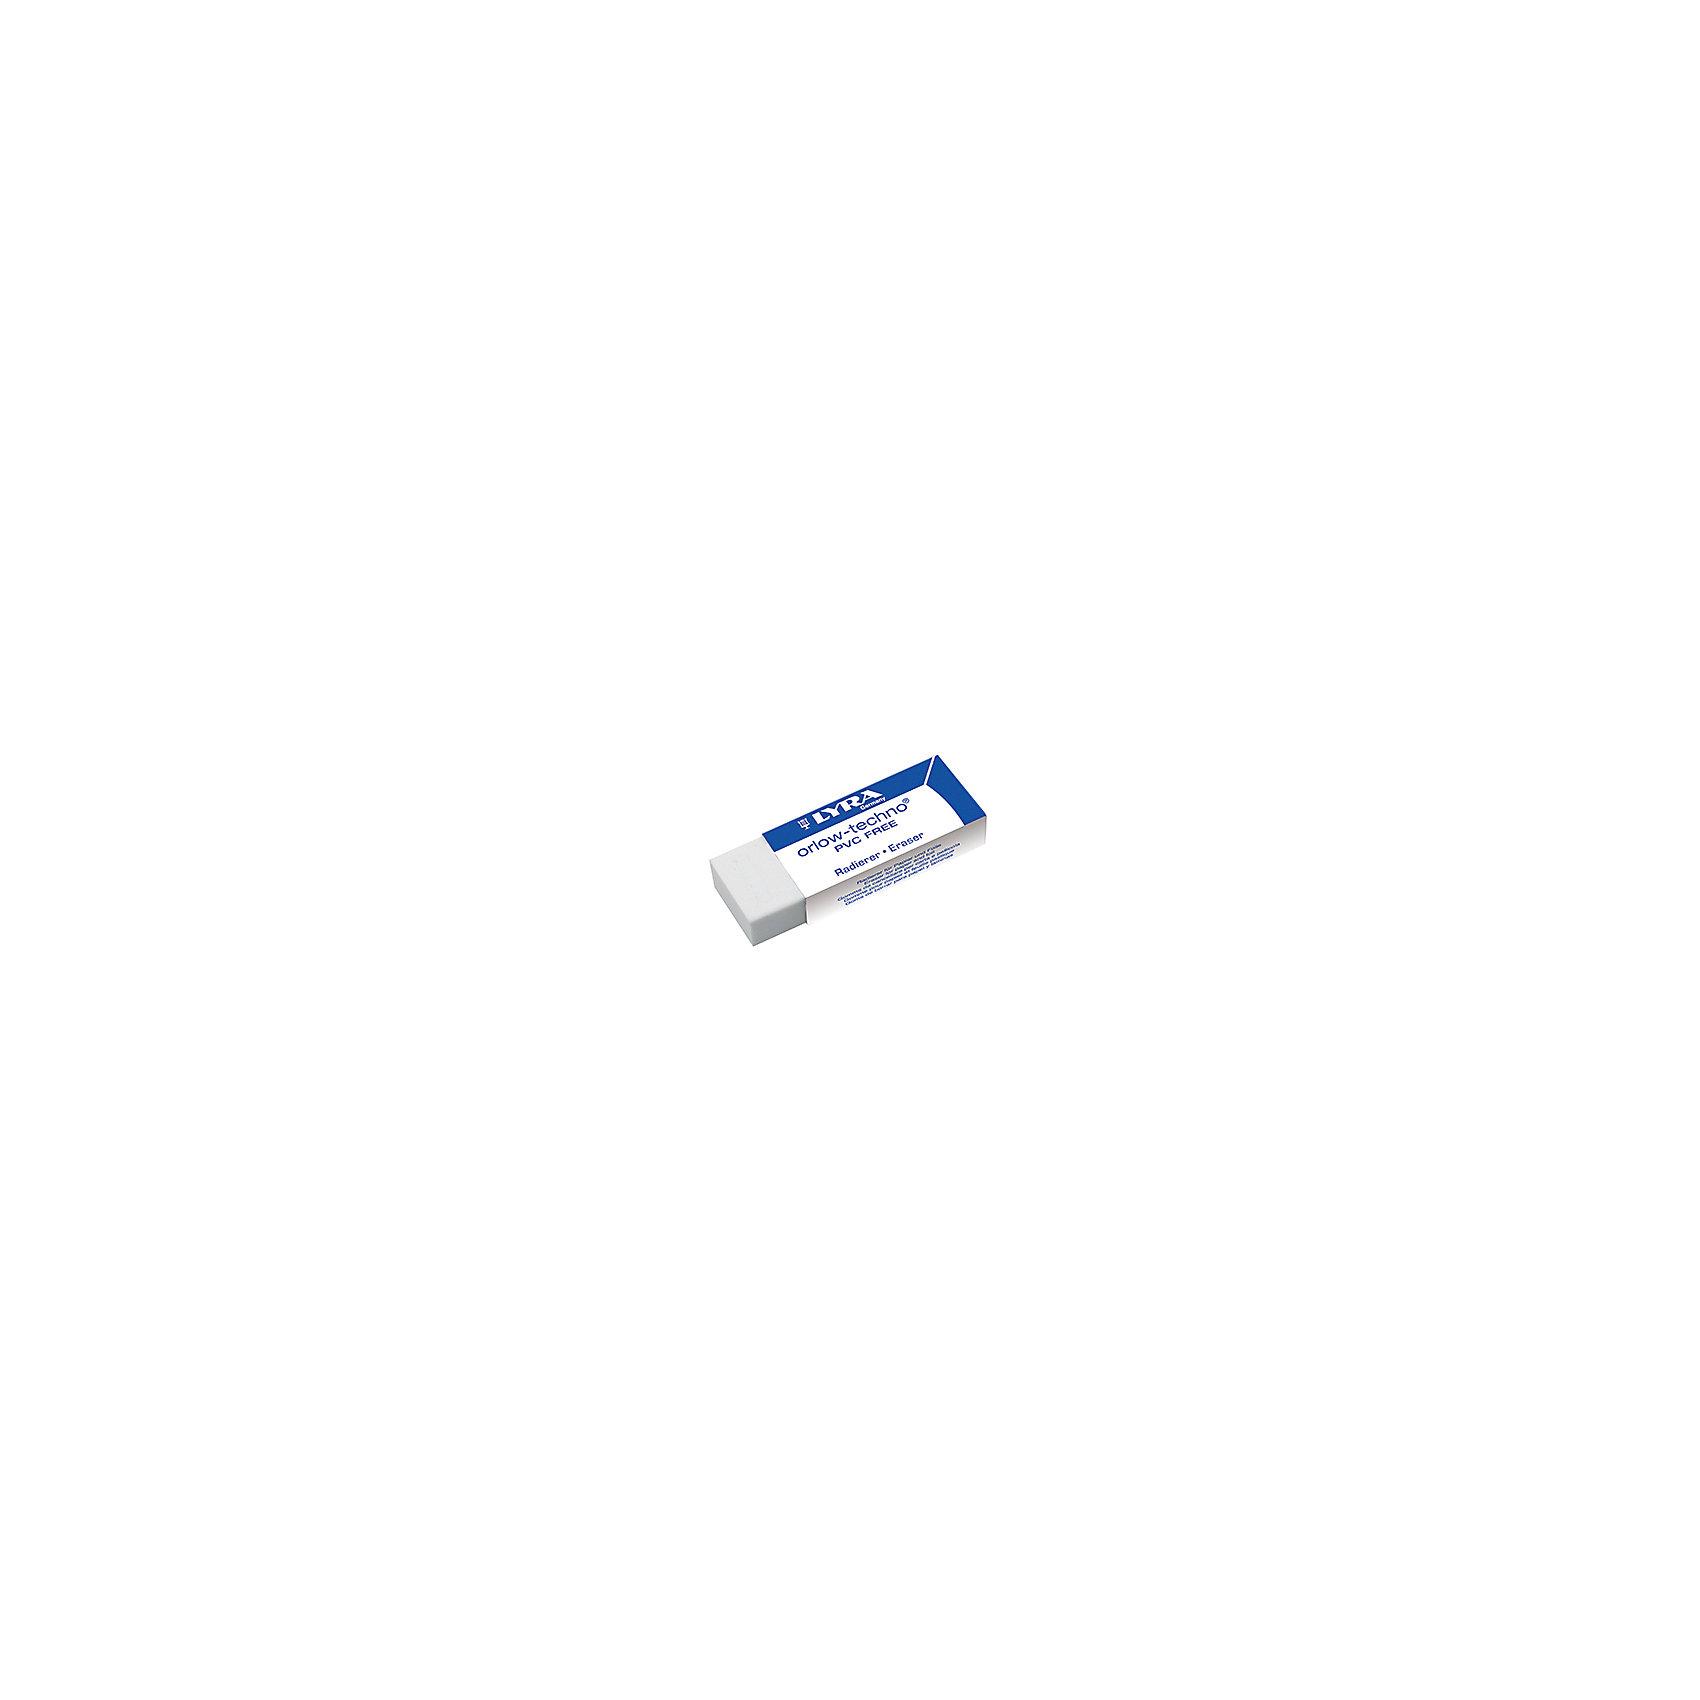 Ластик пластиковый для бумаги и фольги, не оставляет следов (самоочищающийся)LYRA Ластик пластиковый для бумаги и фольги, не оставляет следов, самоочищающийся 60*22*12 мм в картонной муфте. В коробках по 20  шт. Отгружается кратно коробке. Цена за 1 шт.<br><br>Ширина мм: 26<br>Глубина мм: 121<br>Высота мм: 129<br>Вес г: 10<br>Возраст от месяцев: 36<br>Возраст до месяцев: 84<br>Пол: Унисекс<br>Возраст: Детский<br>SKU: 5124966